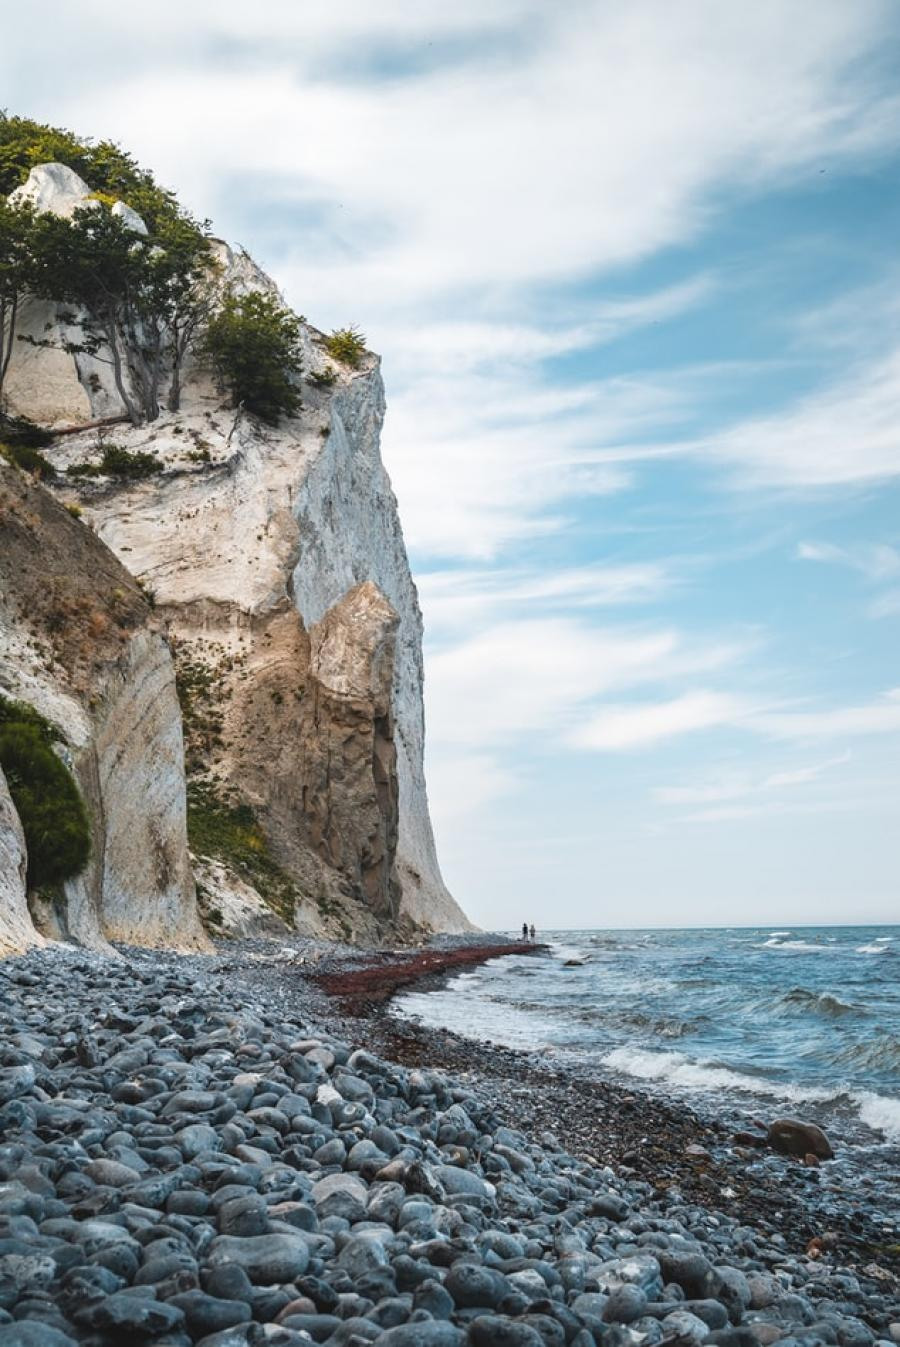 Vild natur ved Møns klint.